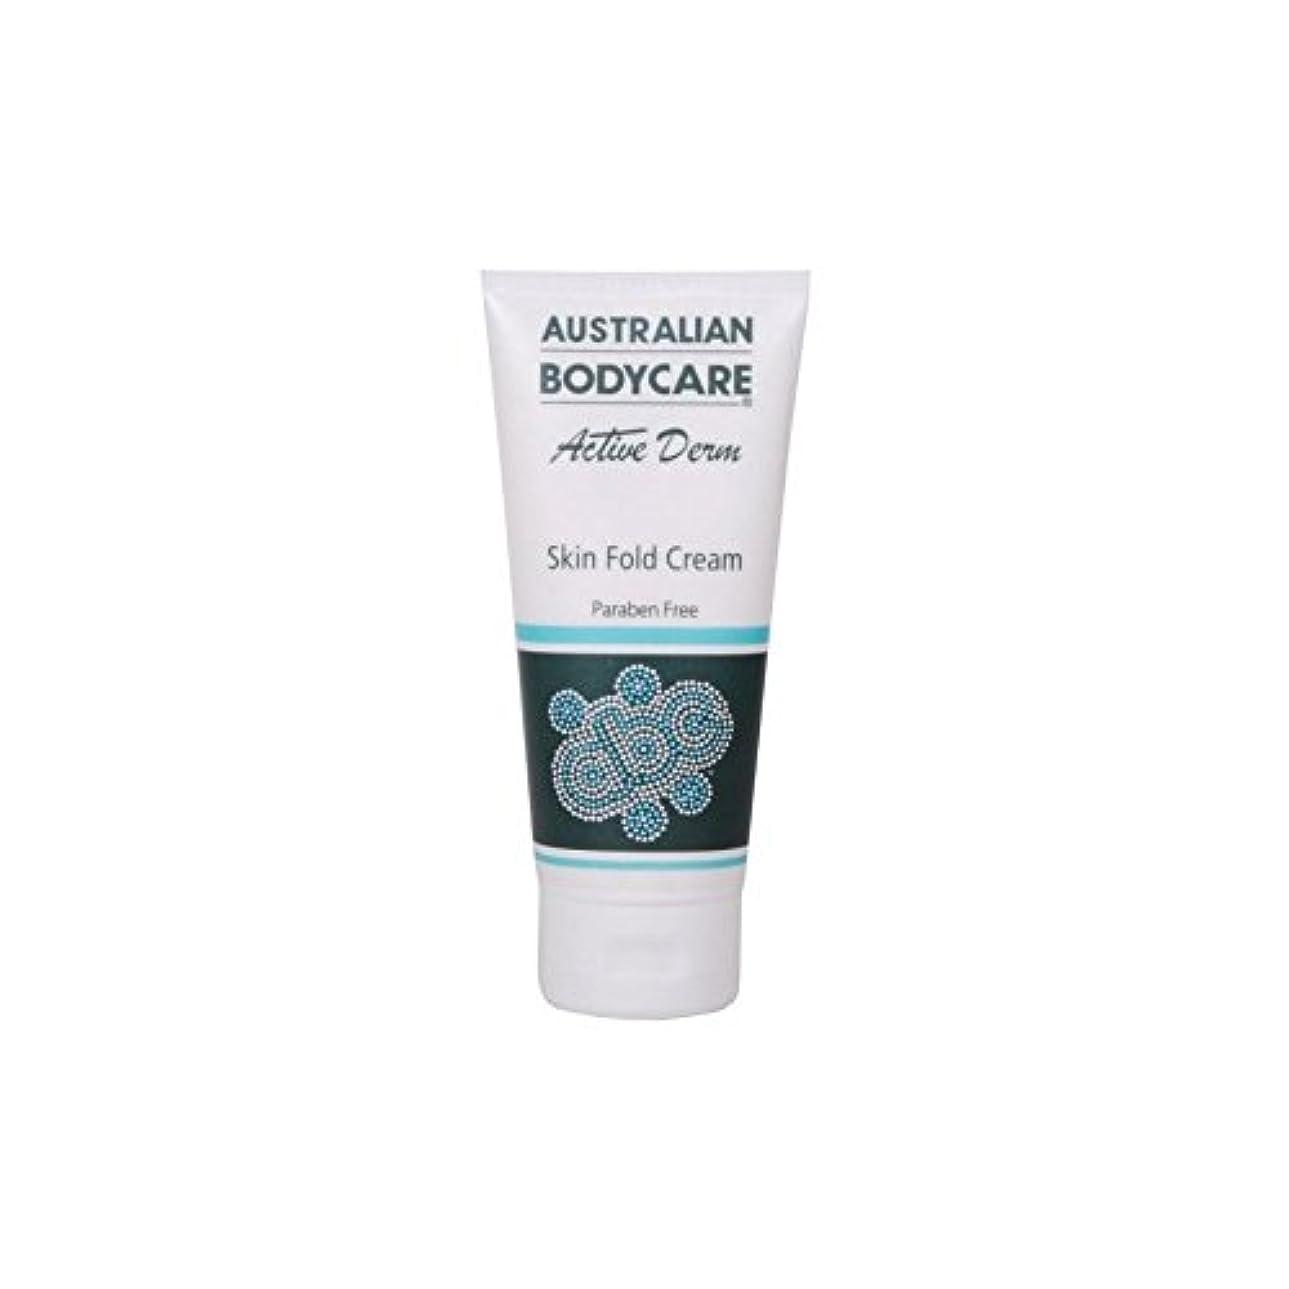 水素保証金バンケットAustralian Bodycare Active Derm Skin Fold Cream (100ml) - オーストラリアのボディケアアクティブダーム皮膚のひだクリーム(100ミリリットル) [並行輸入品]